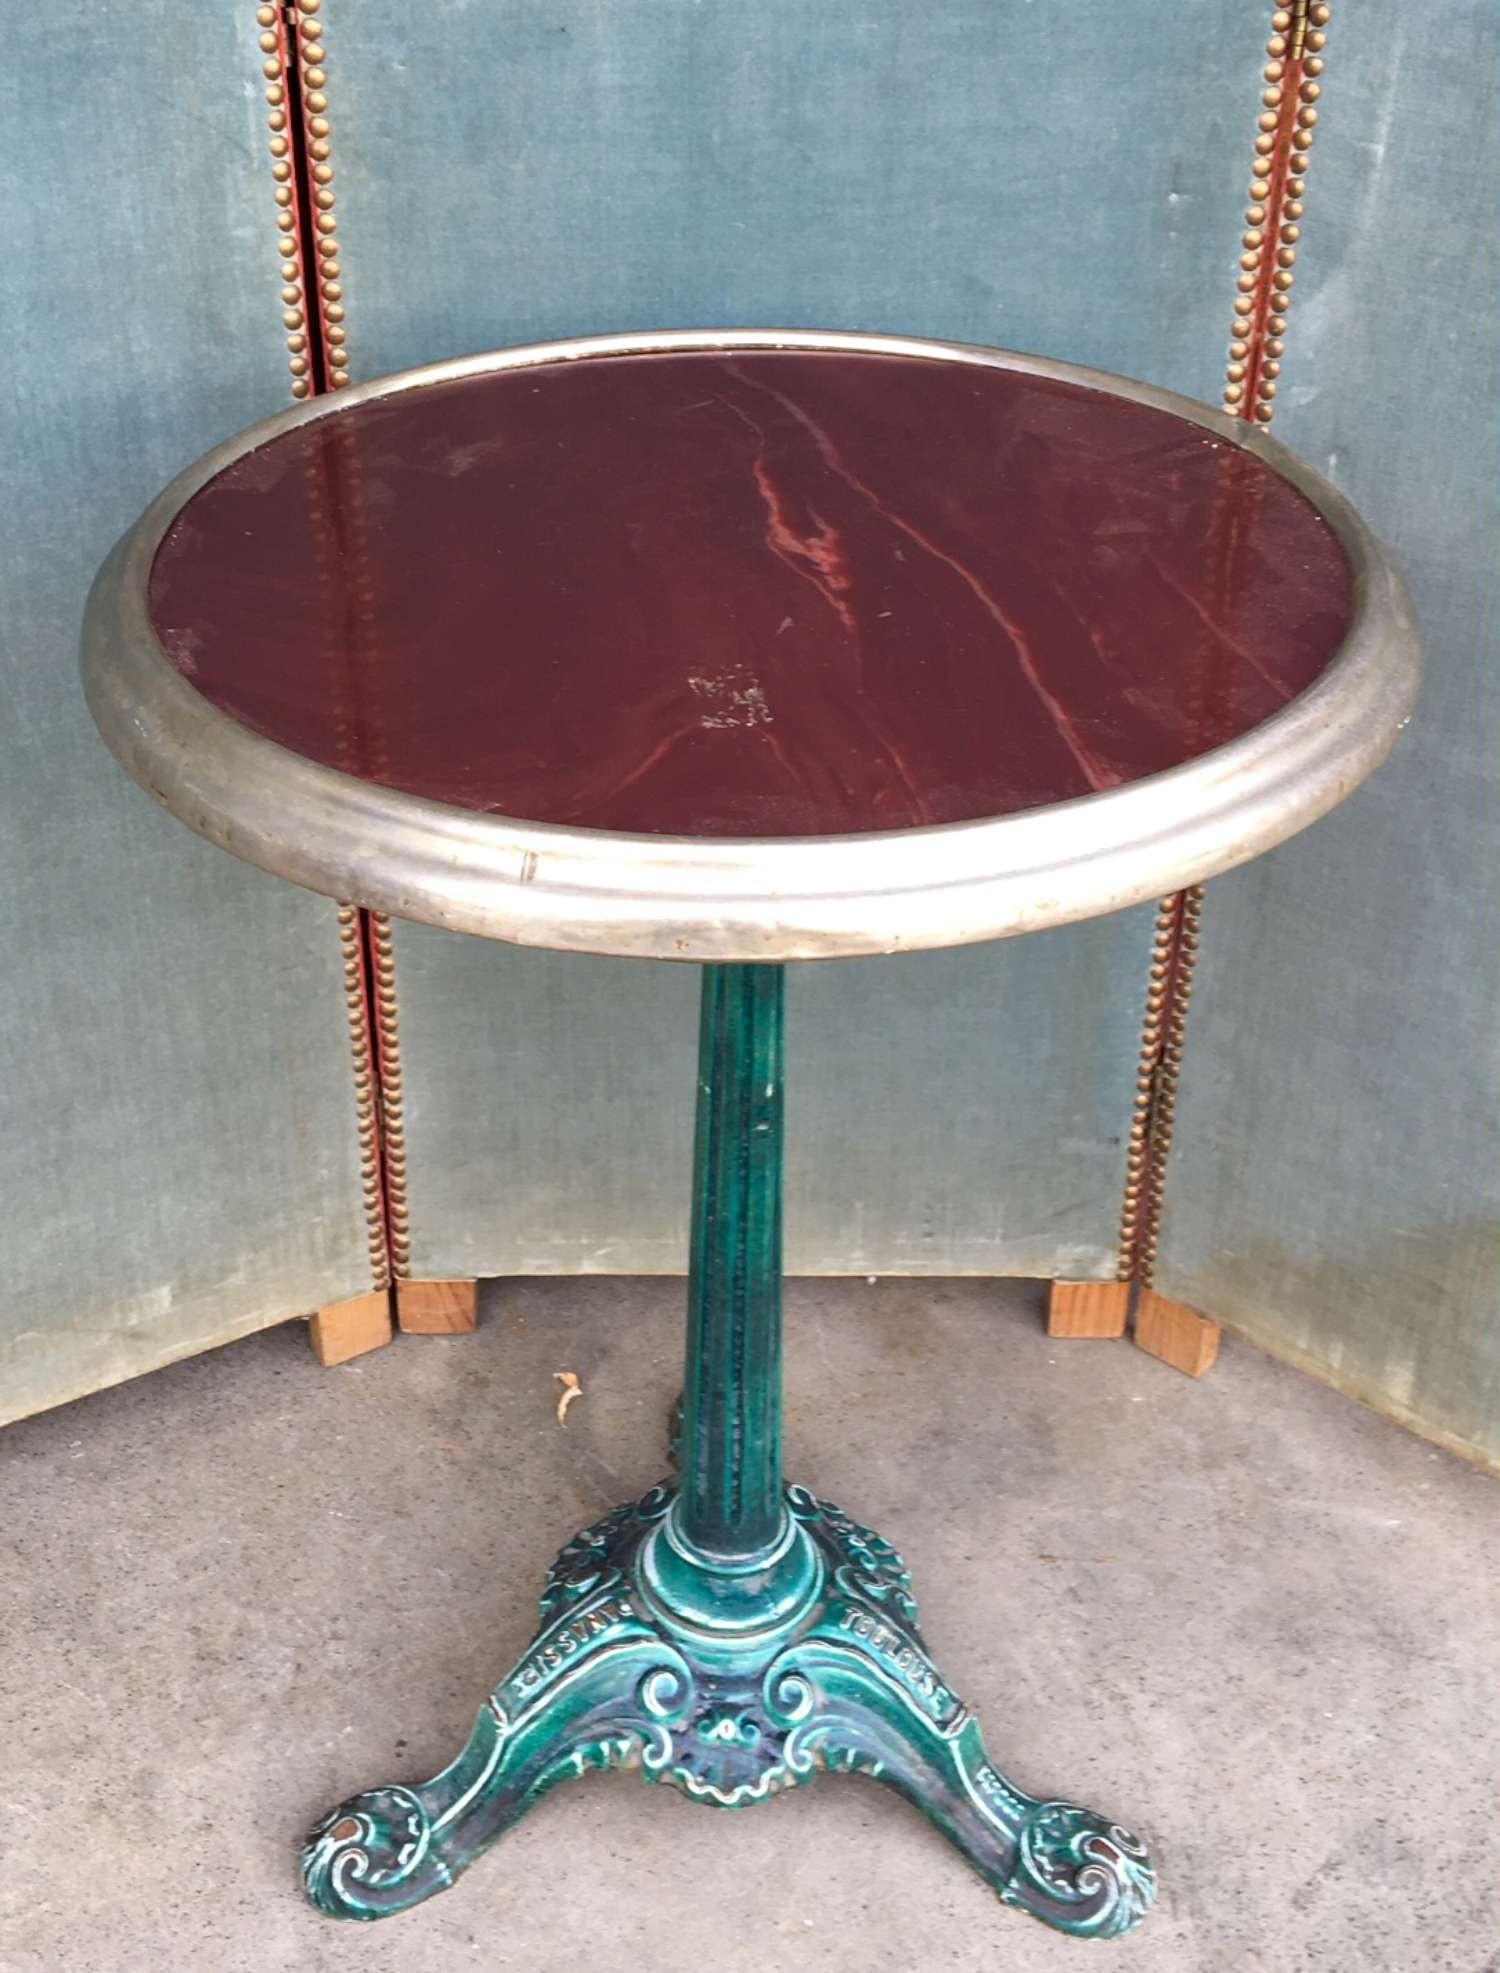 Bistro tafel marmer blad vernikkeld koperen rand groen geëmailleerd gietijzeren poot (verkocht)